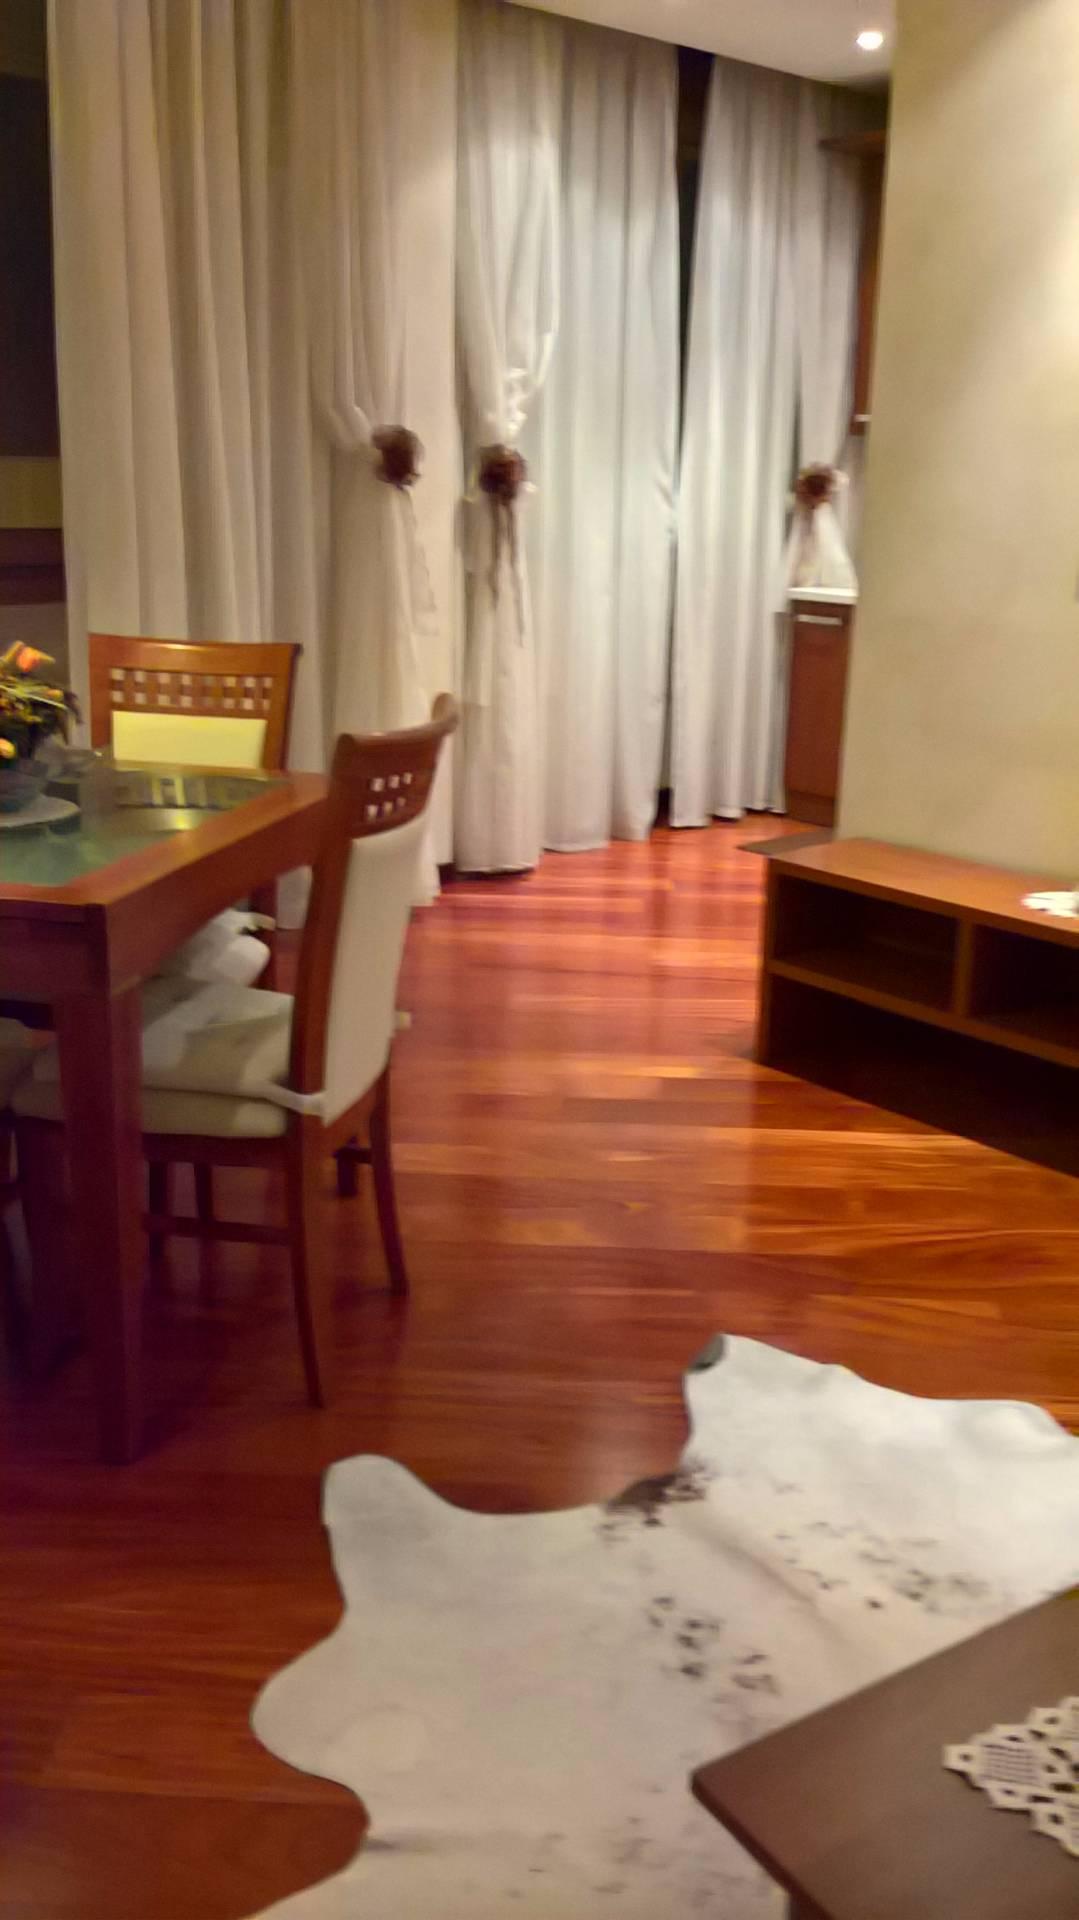 Appartamento in vendita a Verona, 4 locali, zona Località: Centrostorico, prezzo € 319.000 | Cambio Casa.it